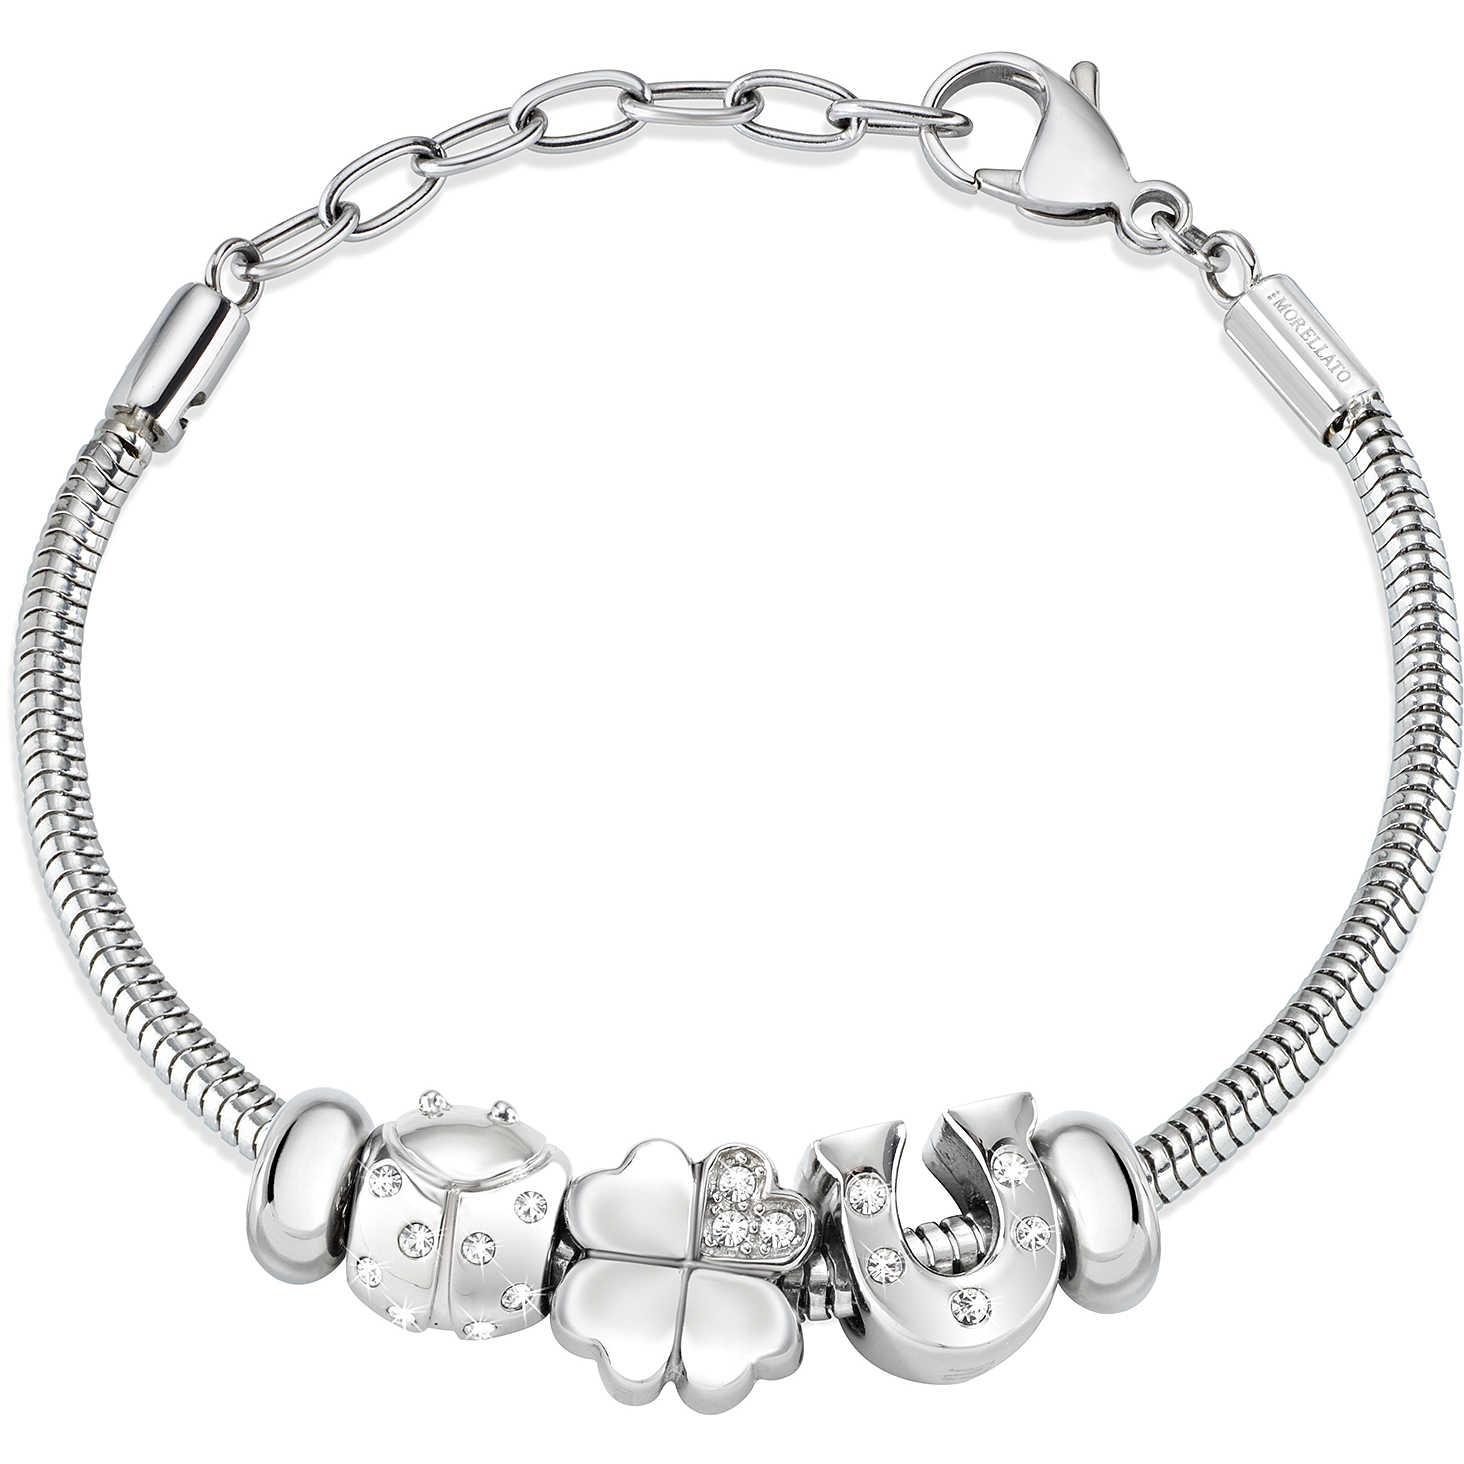 bracciale donna gioielli Morellato Drops SCZ731 bracciali Morellato 7d1dbf069fae